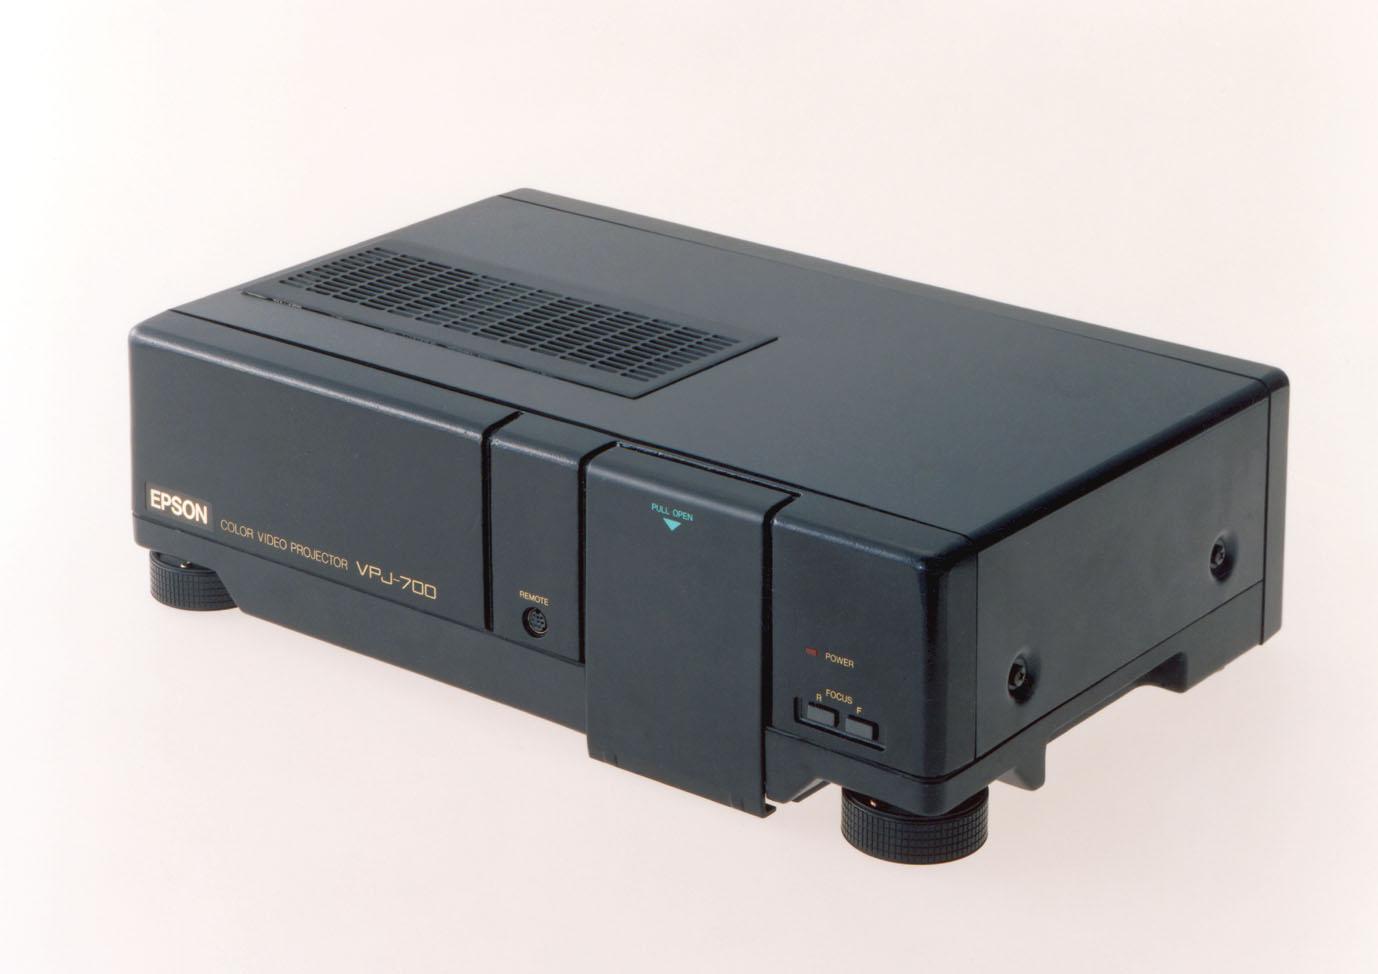 vidéoprojecteur Epson VPJ-700